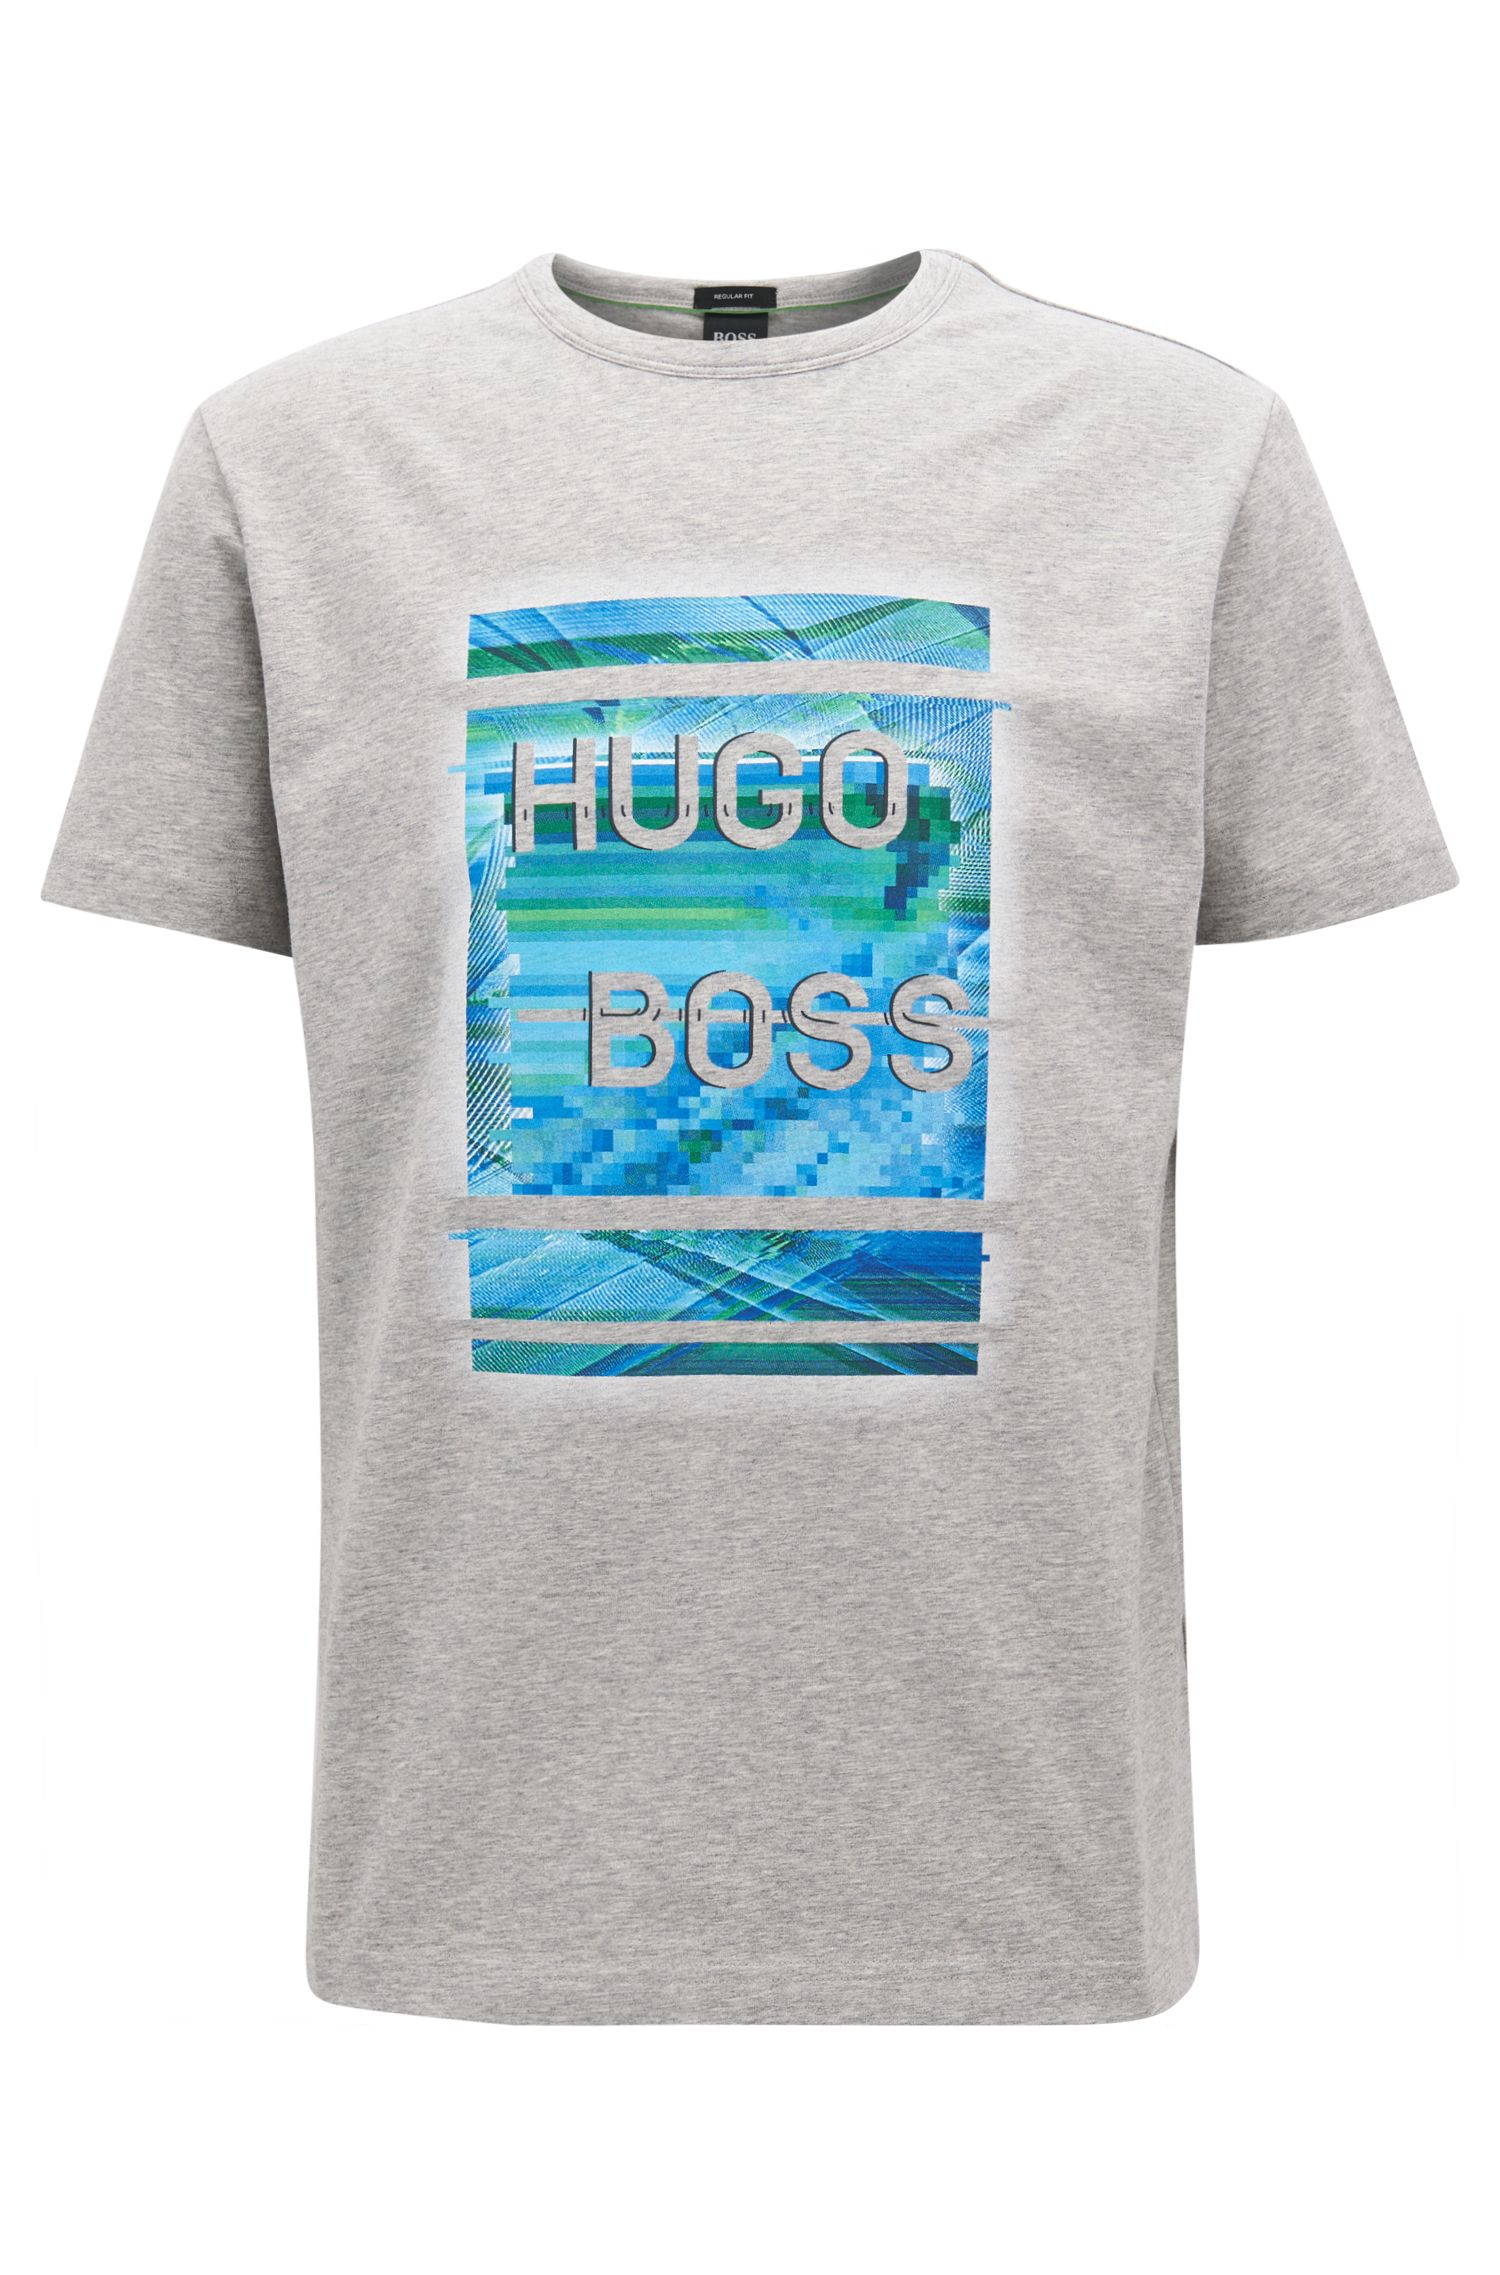 T-shirt in jersey di cotone elasticizzato con decorazione con logo